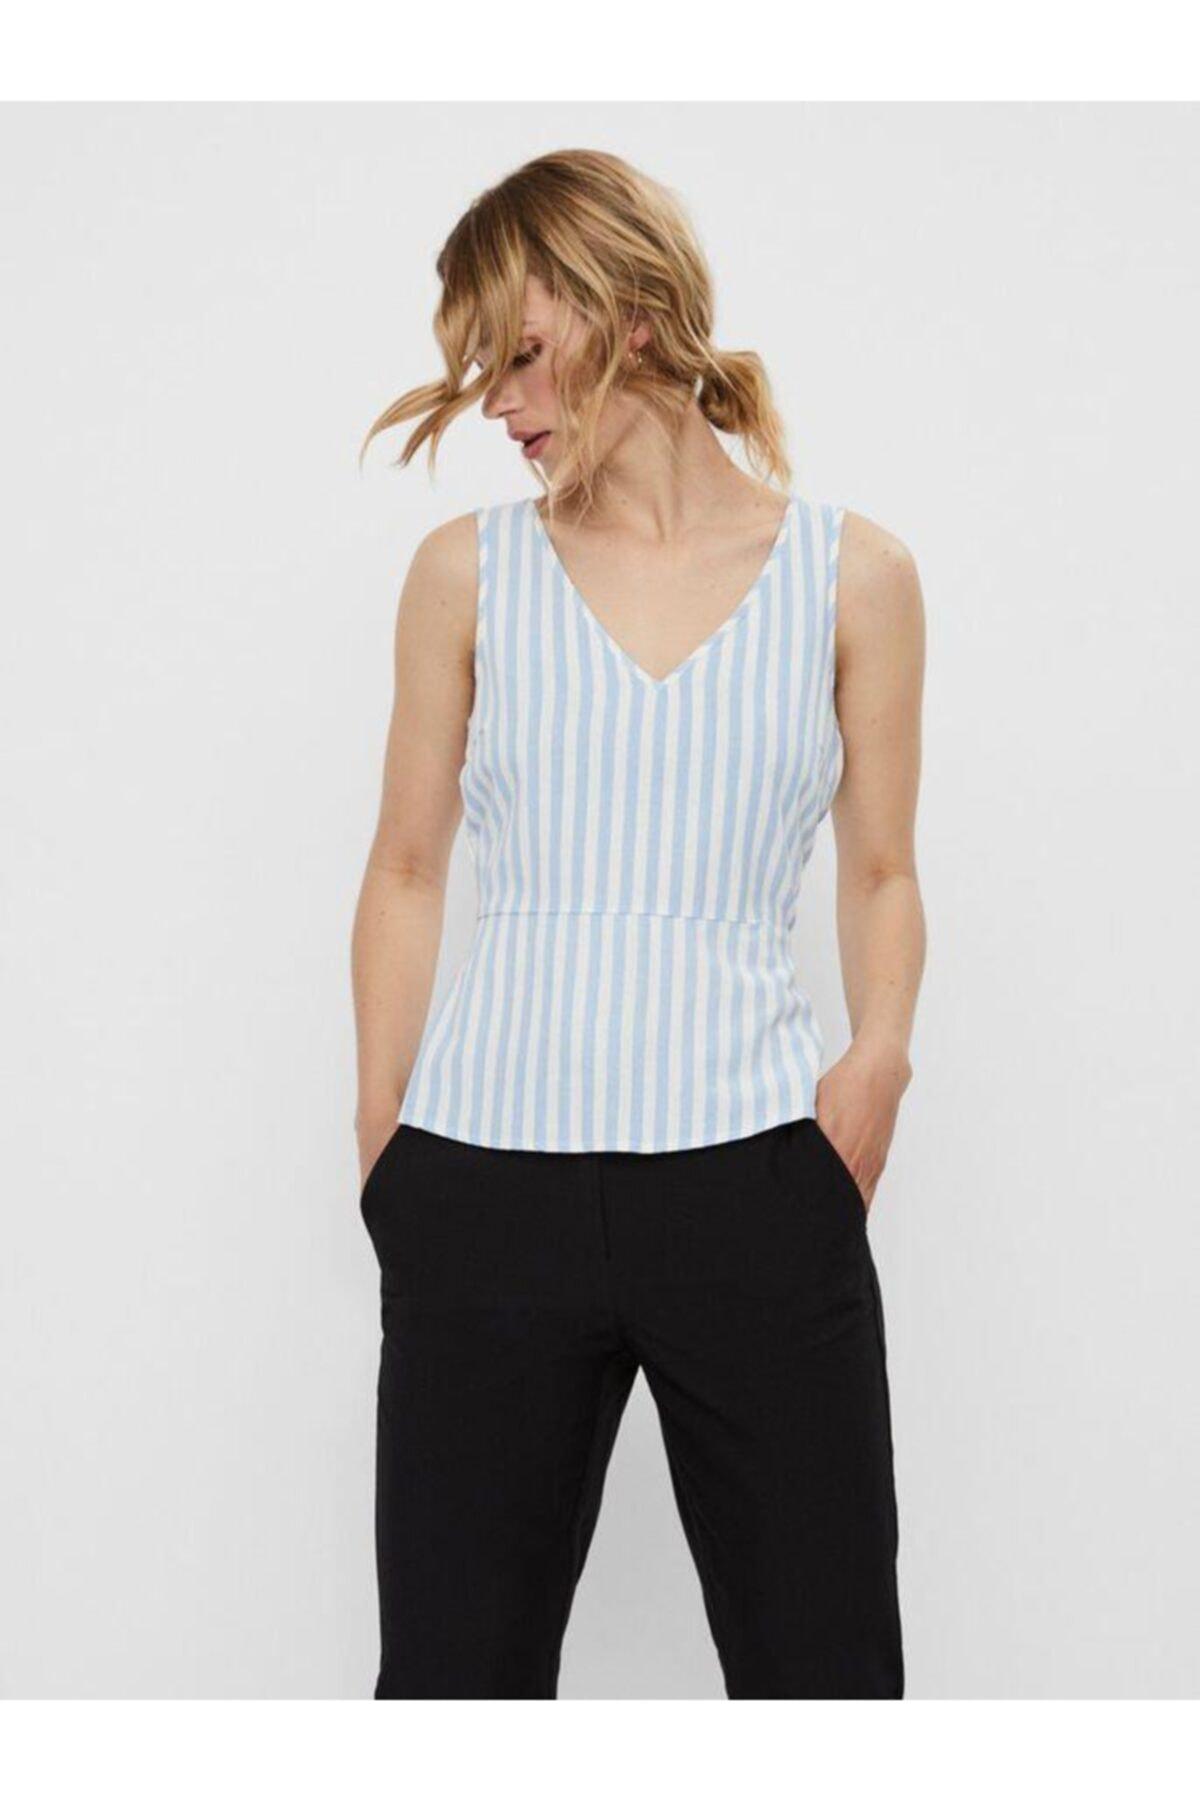 Vero Moda Kadın Mavi Düğme Detaylı Çizgili Keten Karışımlı Kolsuz Bluz 10226439 VMHELENMILO 1